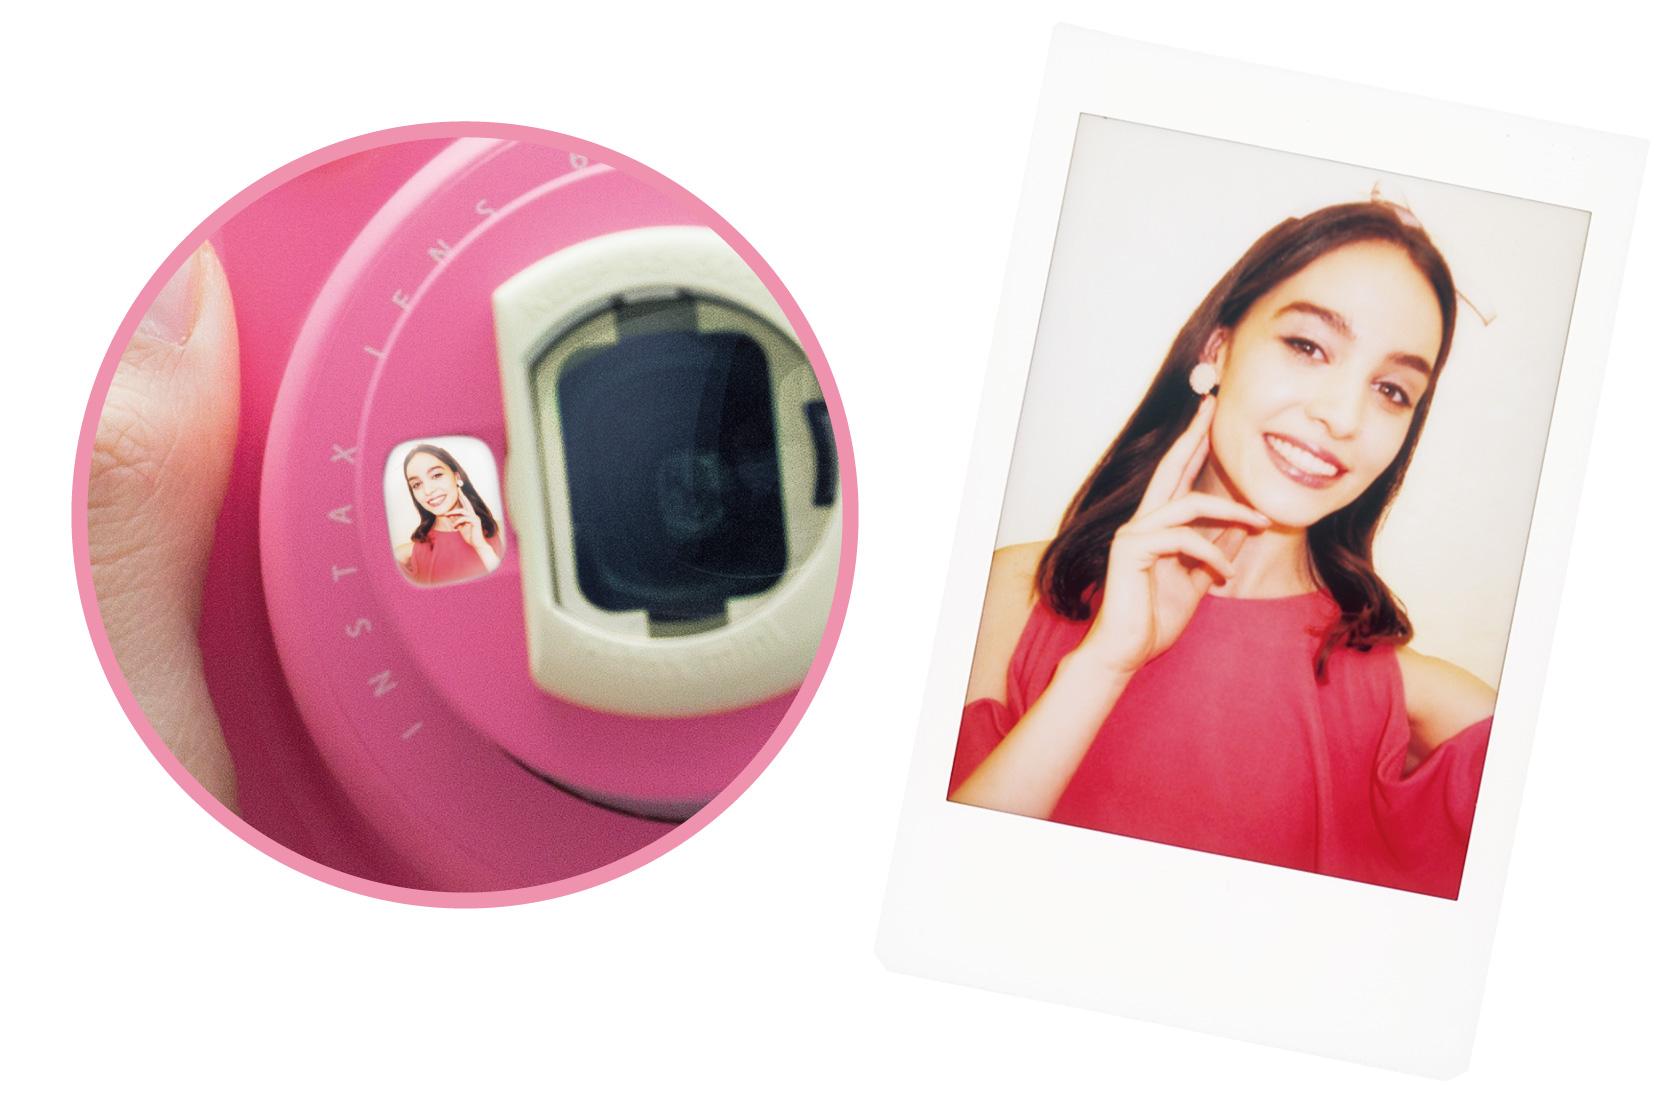 Acercamiento de la imagen del espejo para autorretrato e imagen de mini Instax